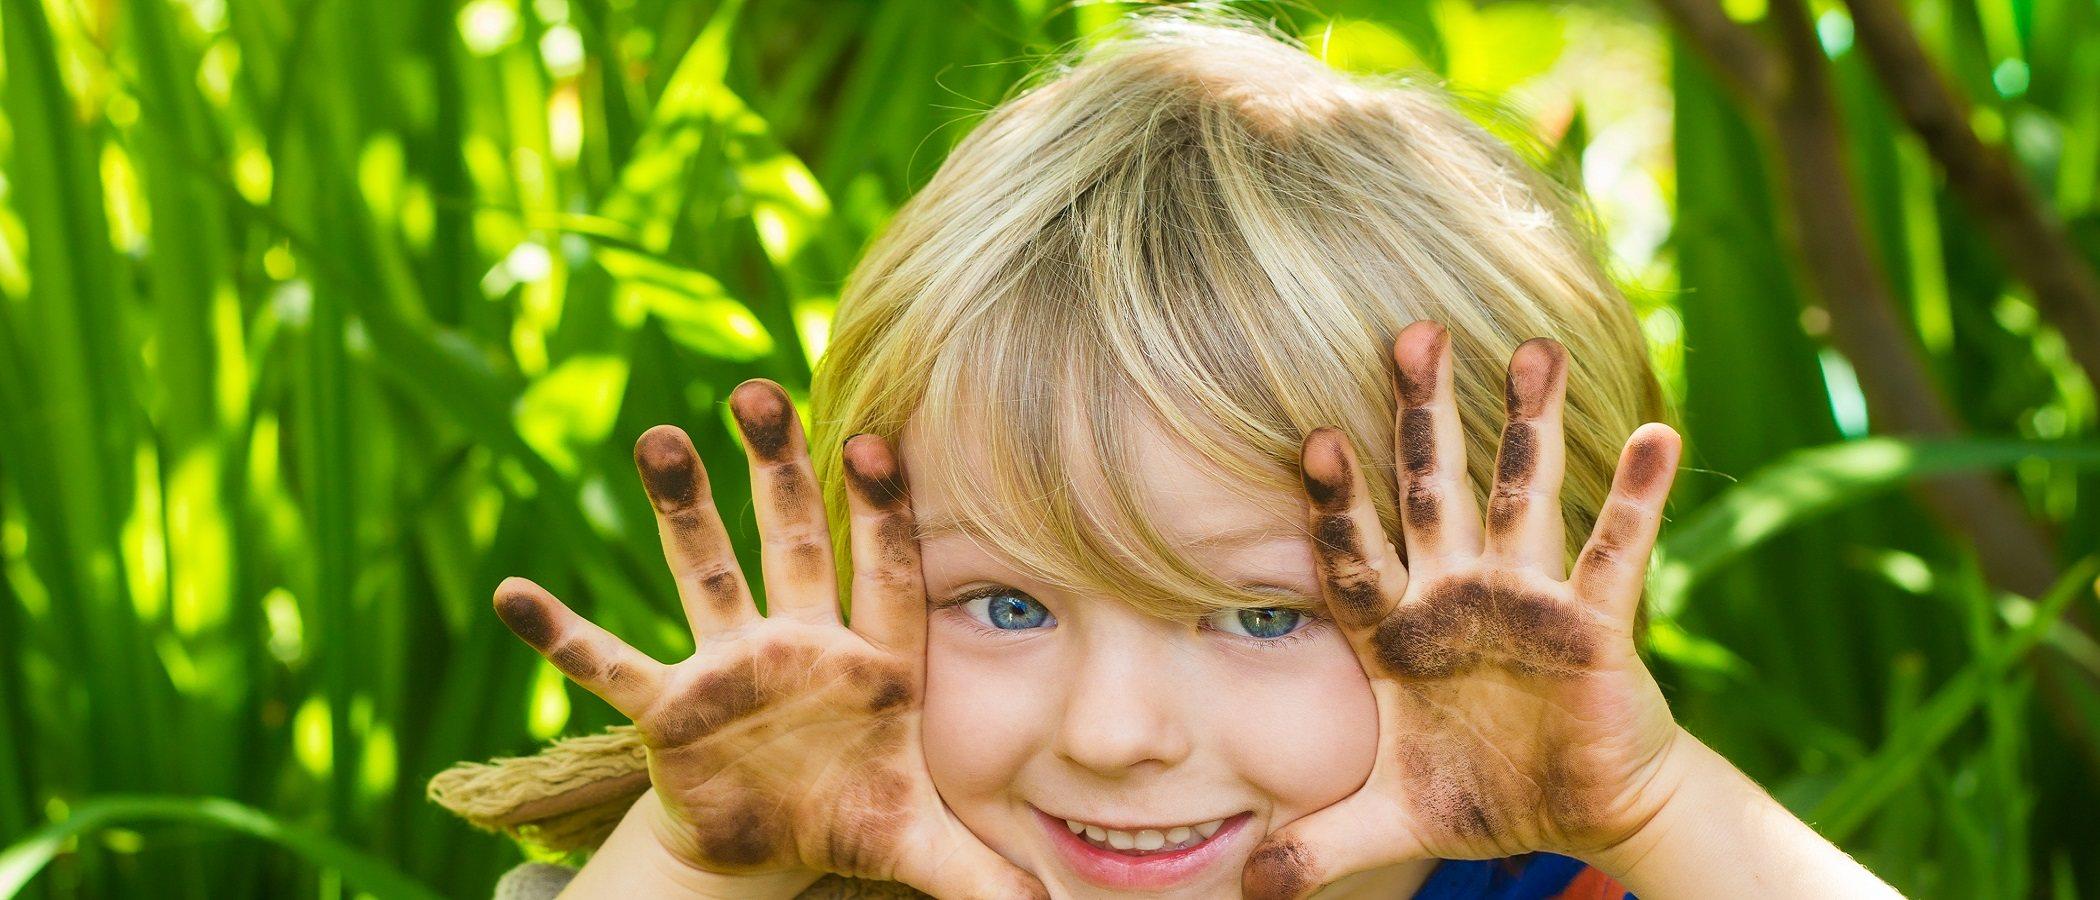 Deja que tus hijos se ensucien a jugar y renuncia al estrés innecesario